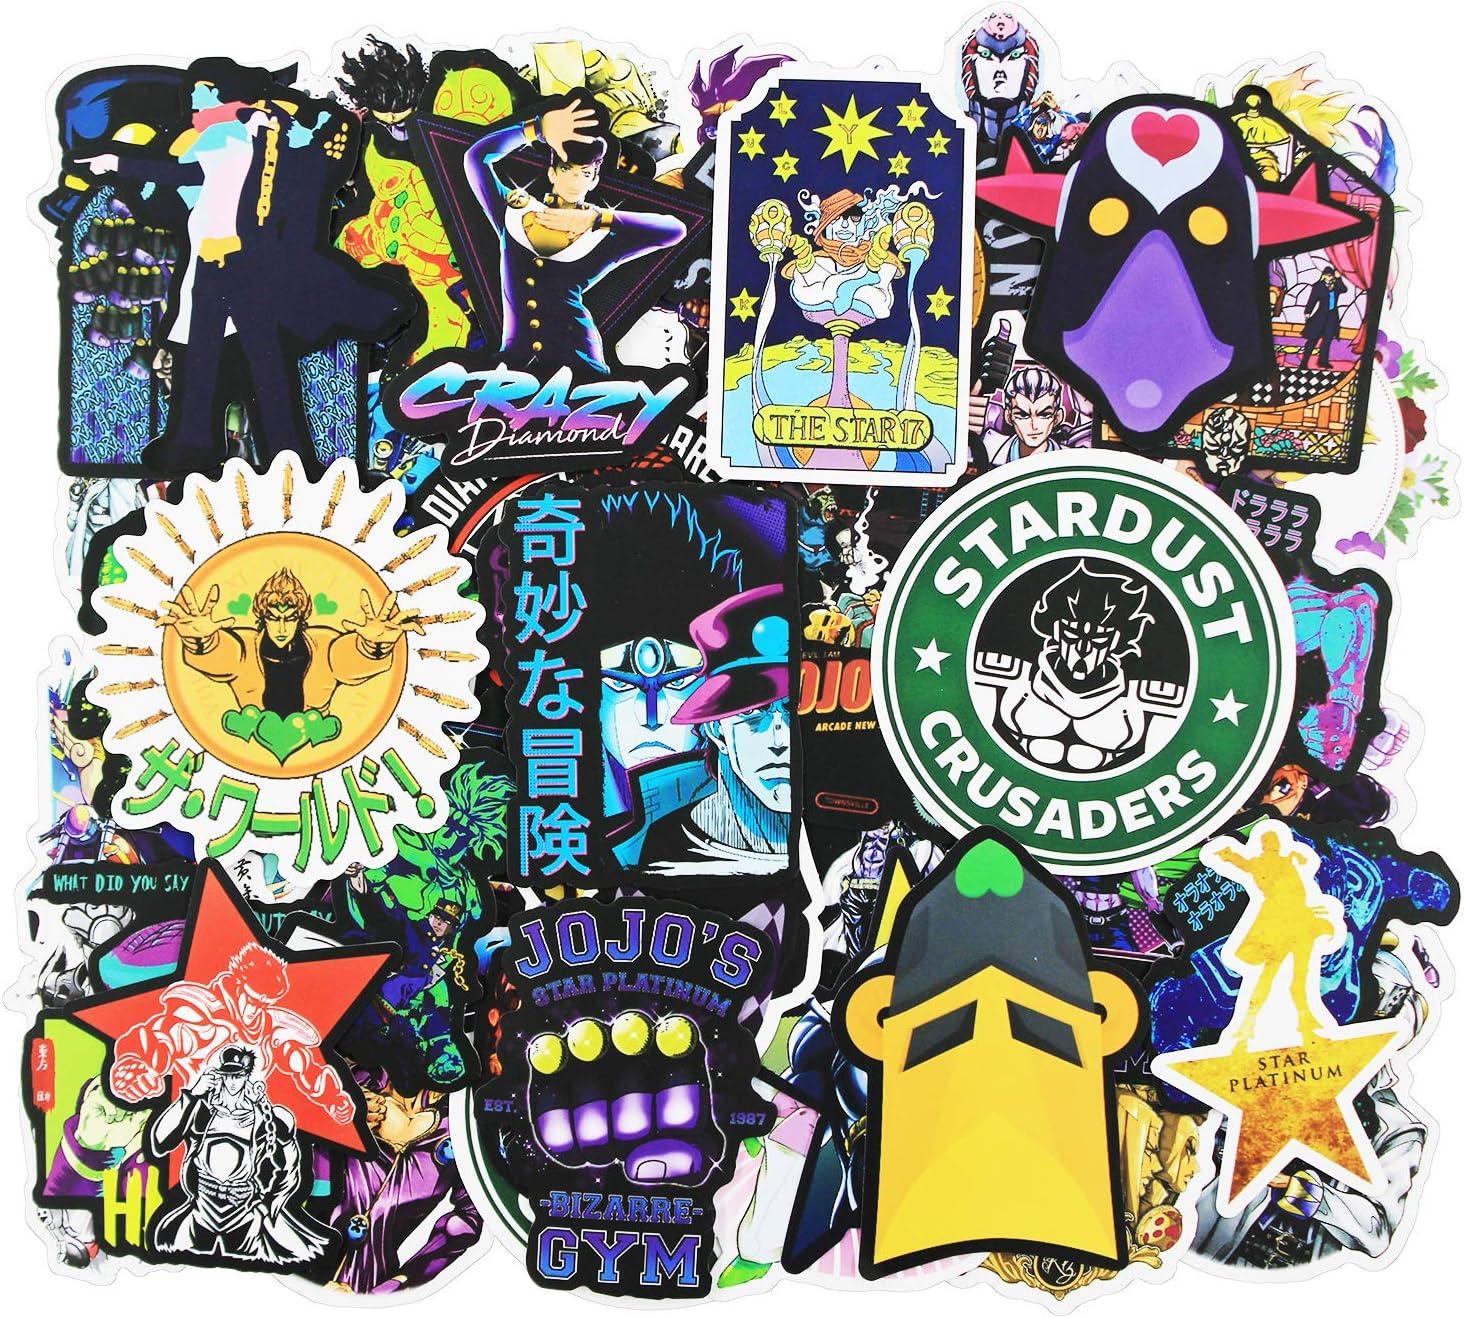 50 St/ück//Pack von JoJos Bizarre Adventure Cool Sticker to Kid Teen Kind /ästhetisch wasserdichte Vinyl-Aufkleber f/ür Mac Skateboard Snowboard Computer Laptop Notebook Anime-Cartoon-Aufkleber